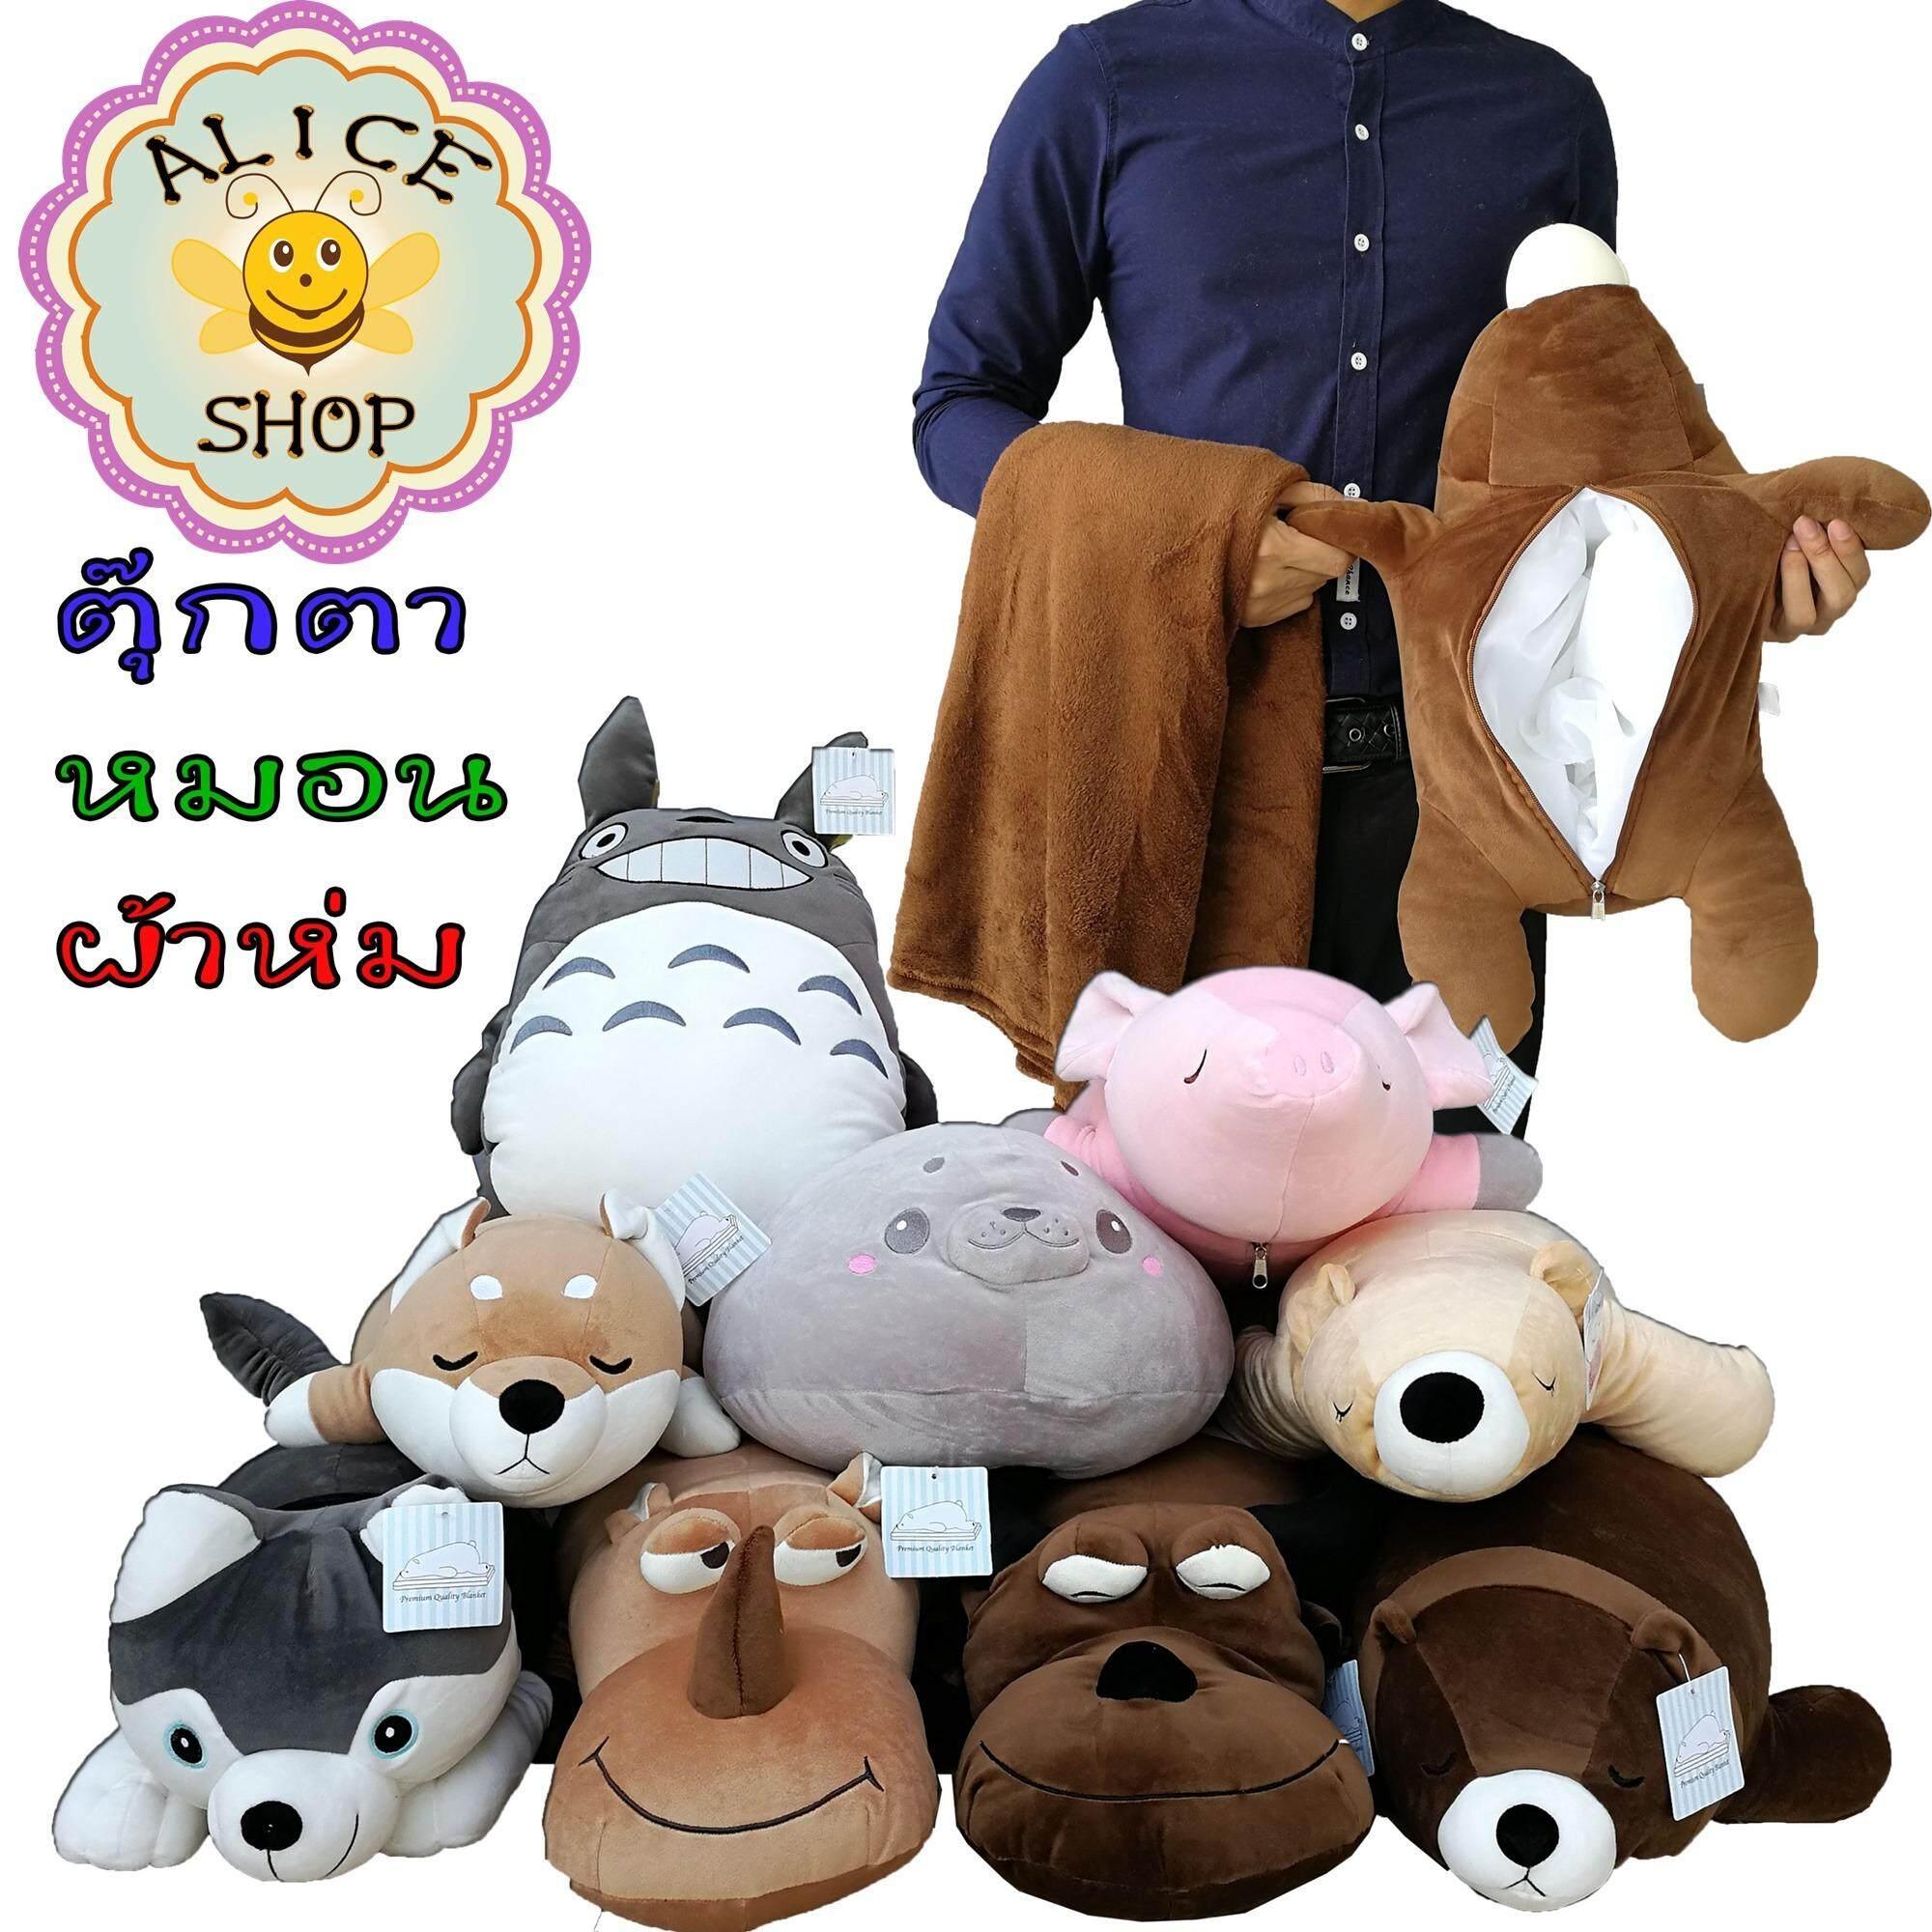 ตุ๊กตาหมอนผ้าห่ม หมาชิบะ ผ้าห่มนาโน 1x1.5 ม. ตุ๊กตานุ่มนิ่มเส้นใยไมโครนุ่มมาก ซักเครื่องได้ Alicdolly.